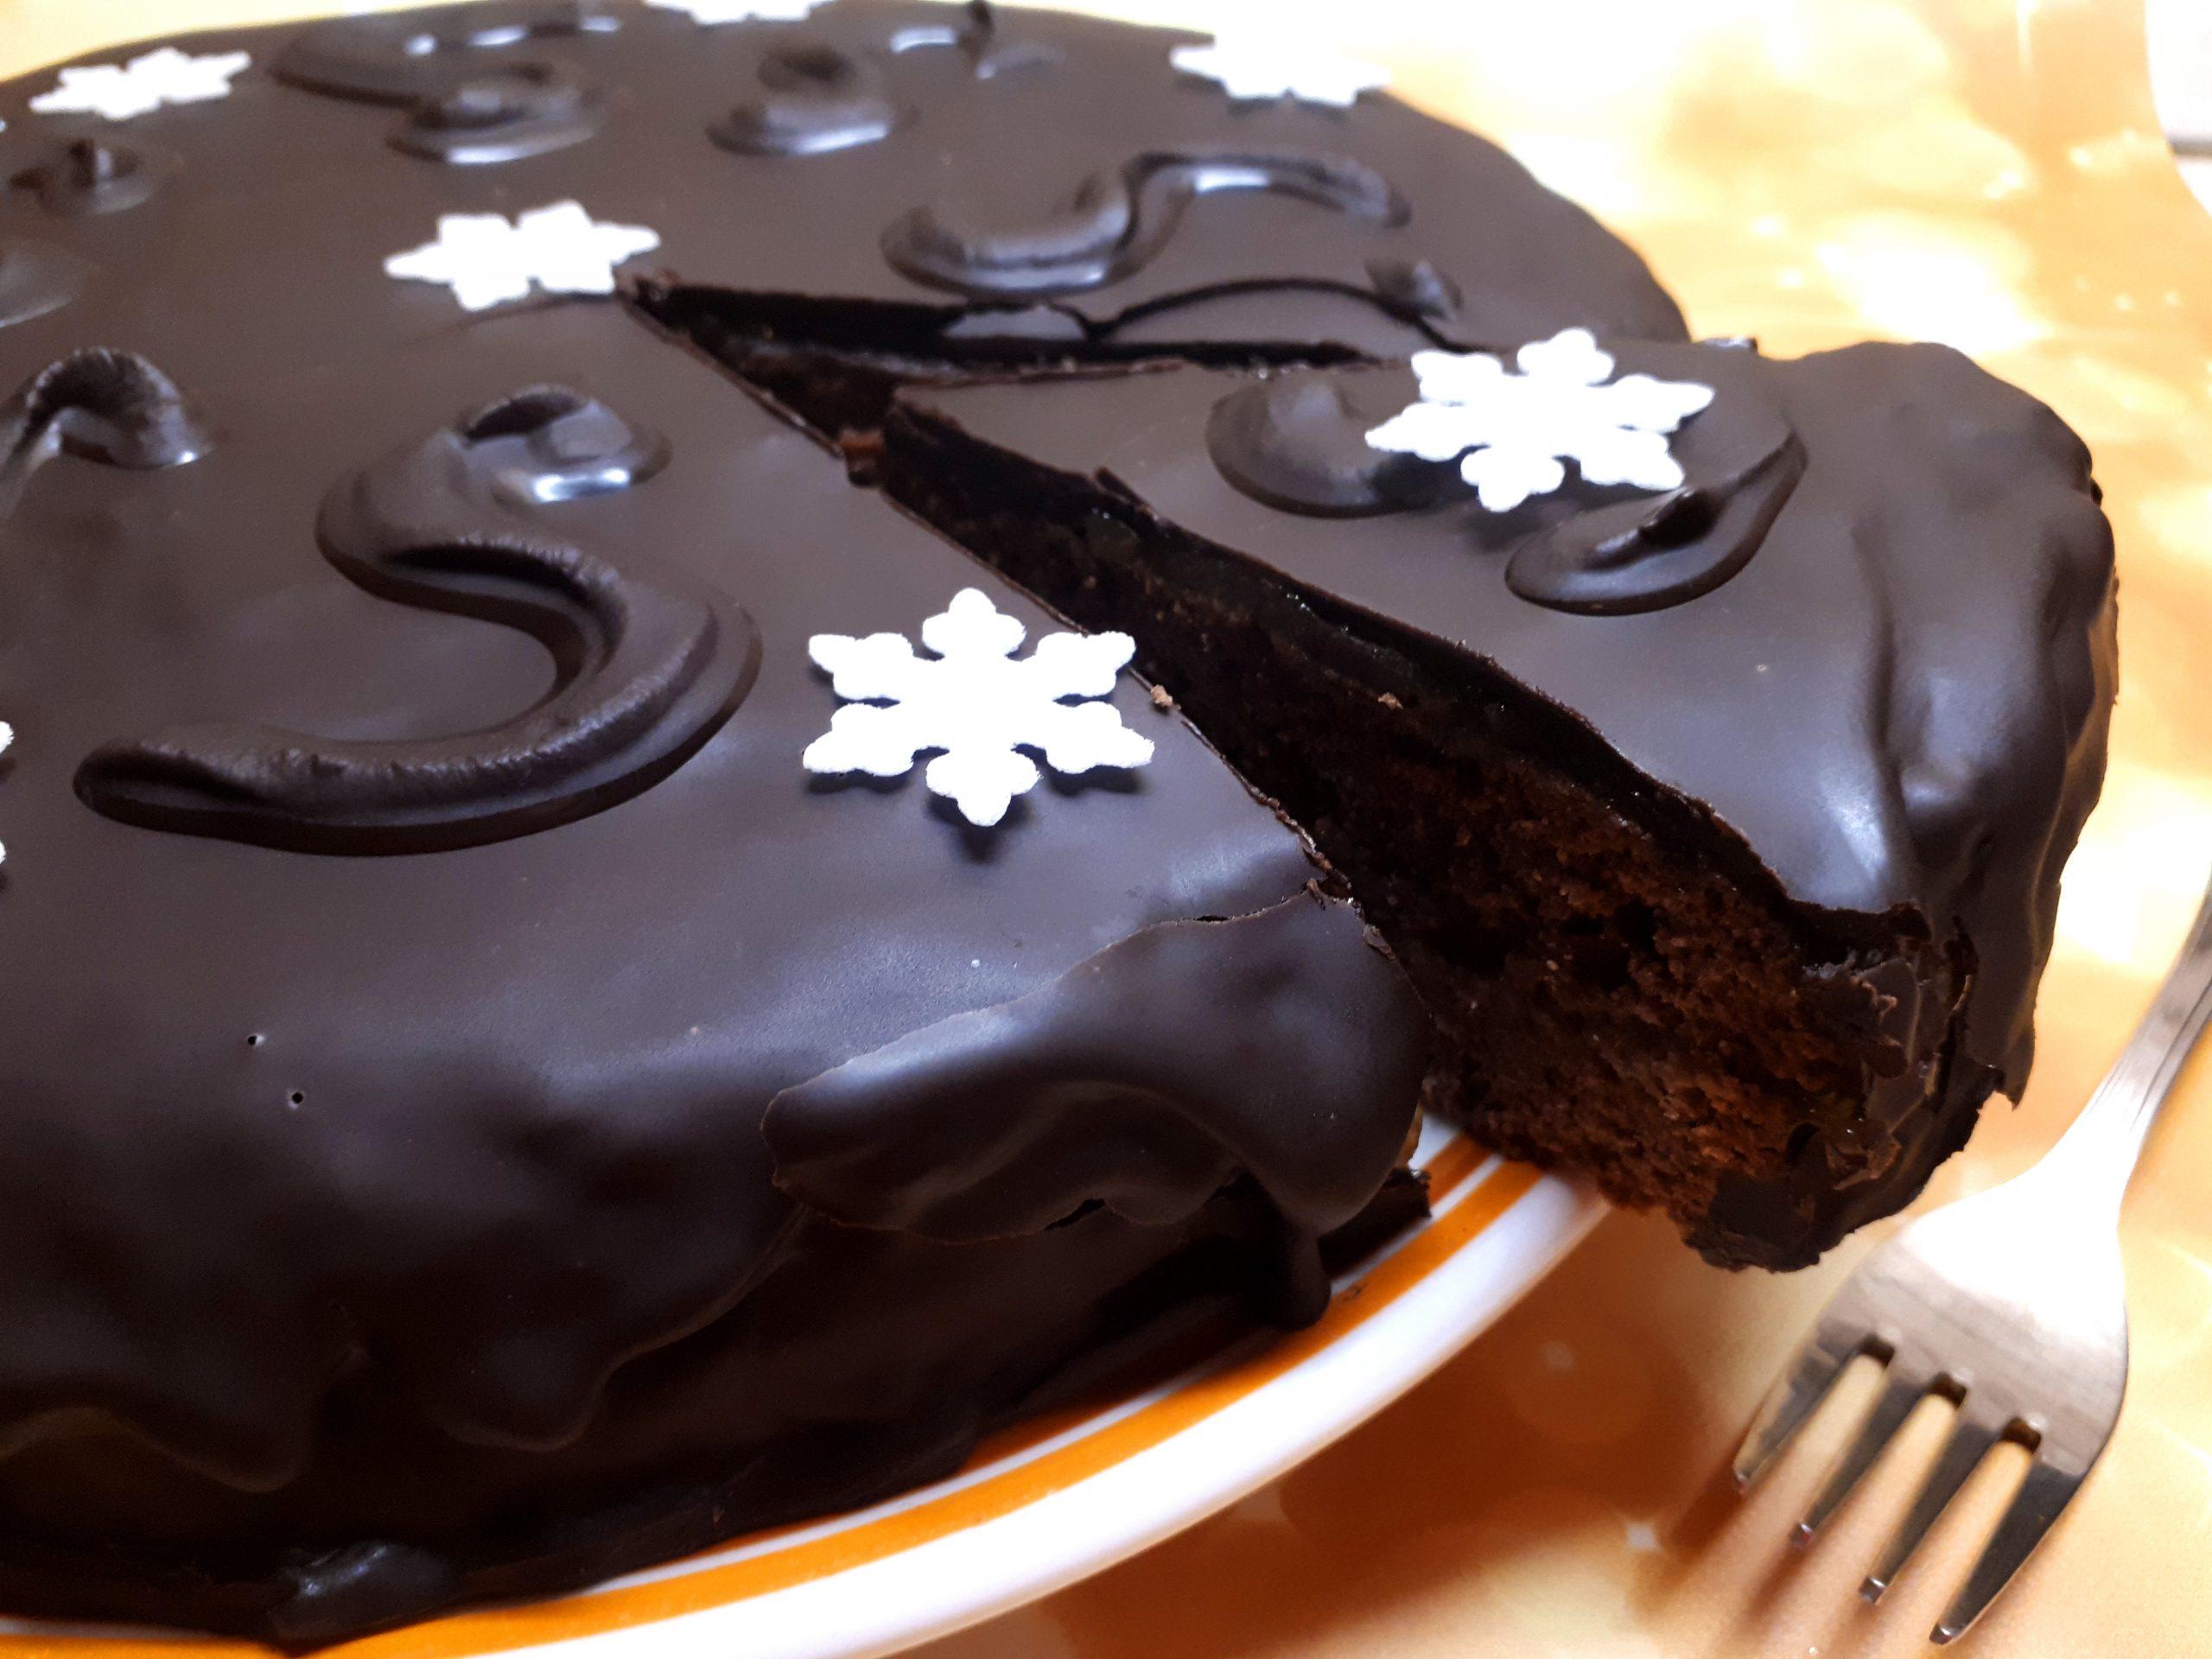 Diétás Sacher torta (cukormentes, szénhidrátcsökkentett)